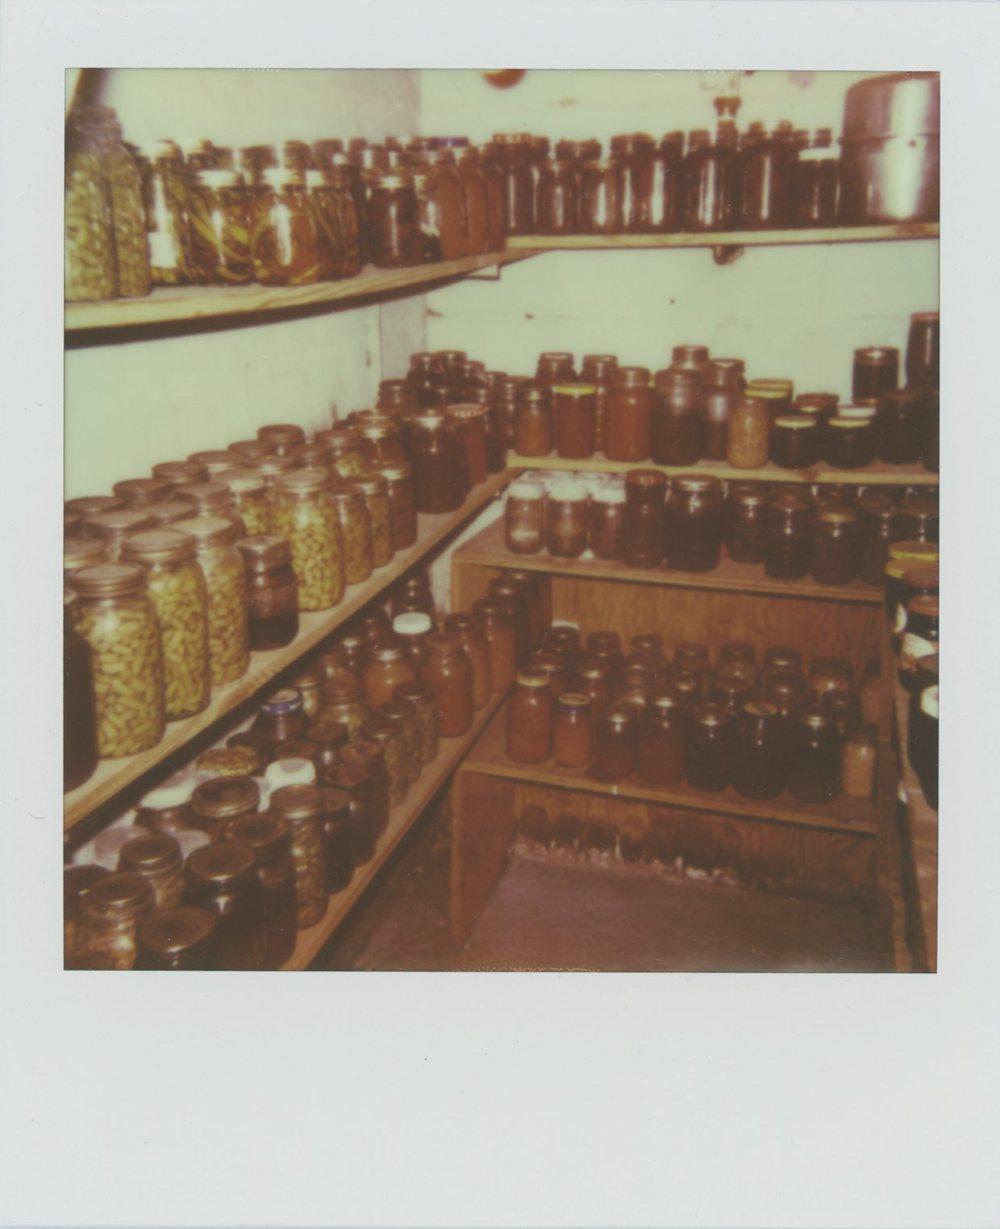 Basement Canning Room